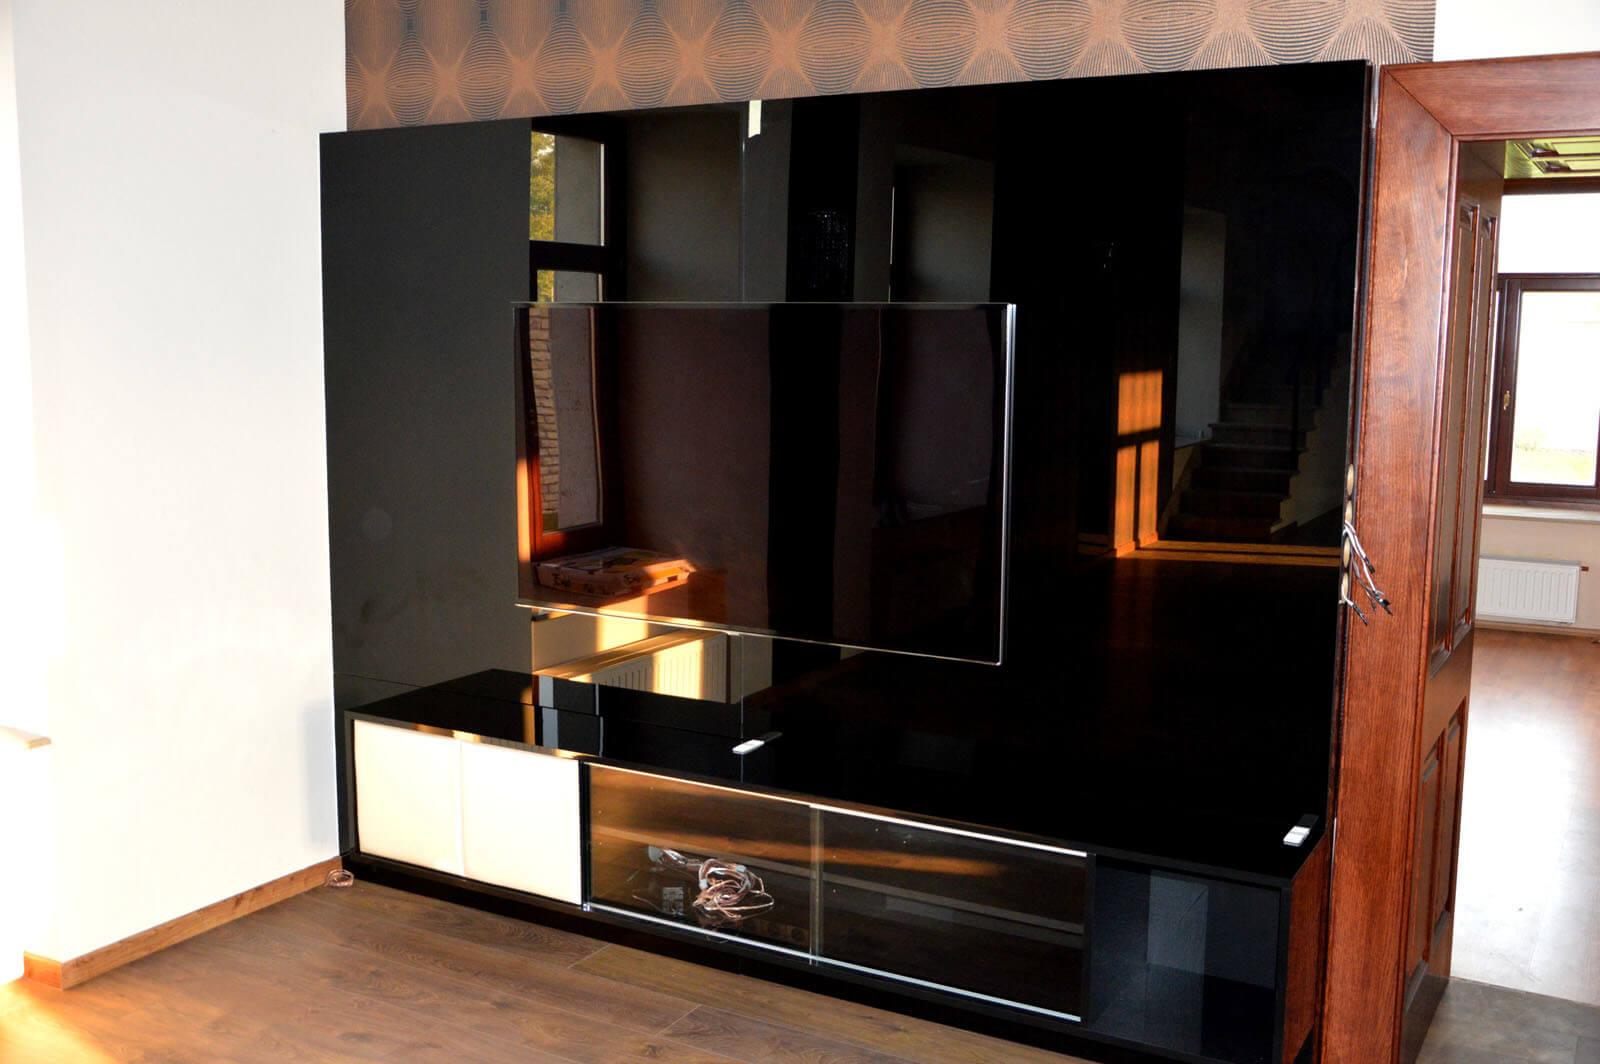 Egyedi nappali bútor gyártás üveghátlappal, fekete színben, blum tandem fiókokkal, üveg tolóajtóval